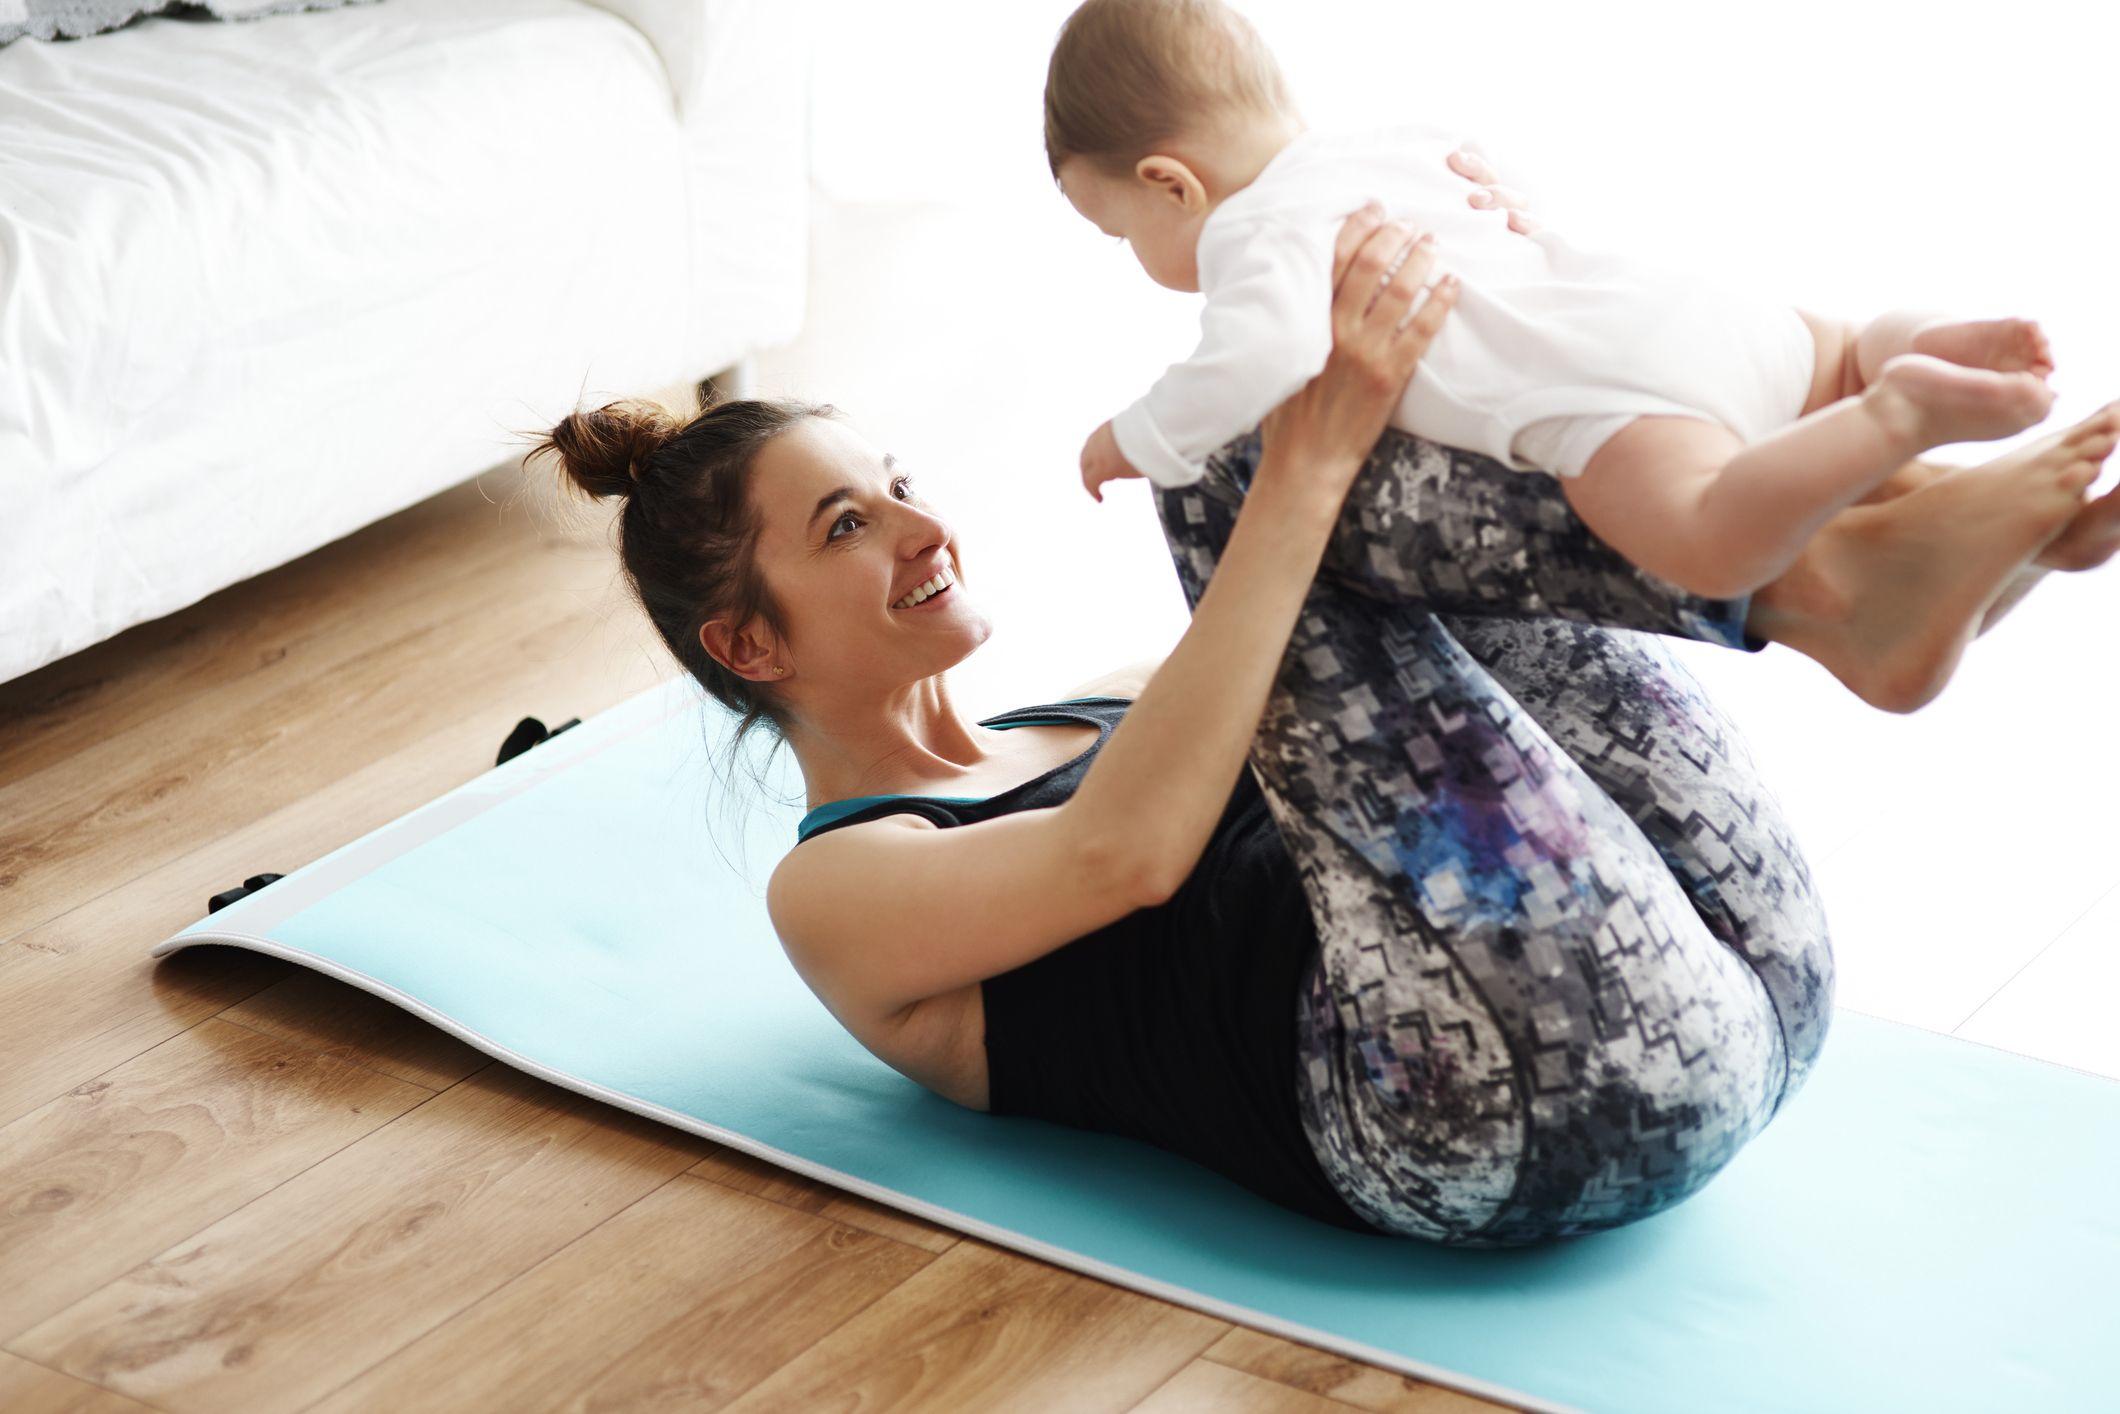 The 5 Best Nursing Sports Bras for New Moms